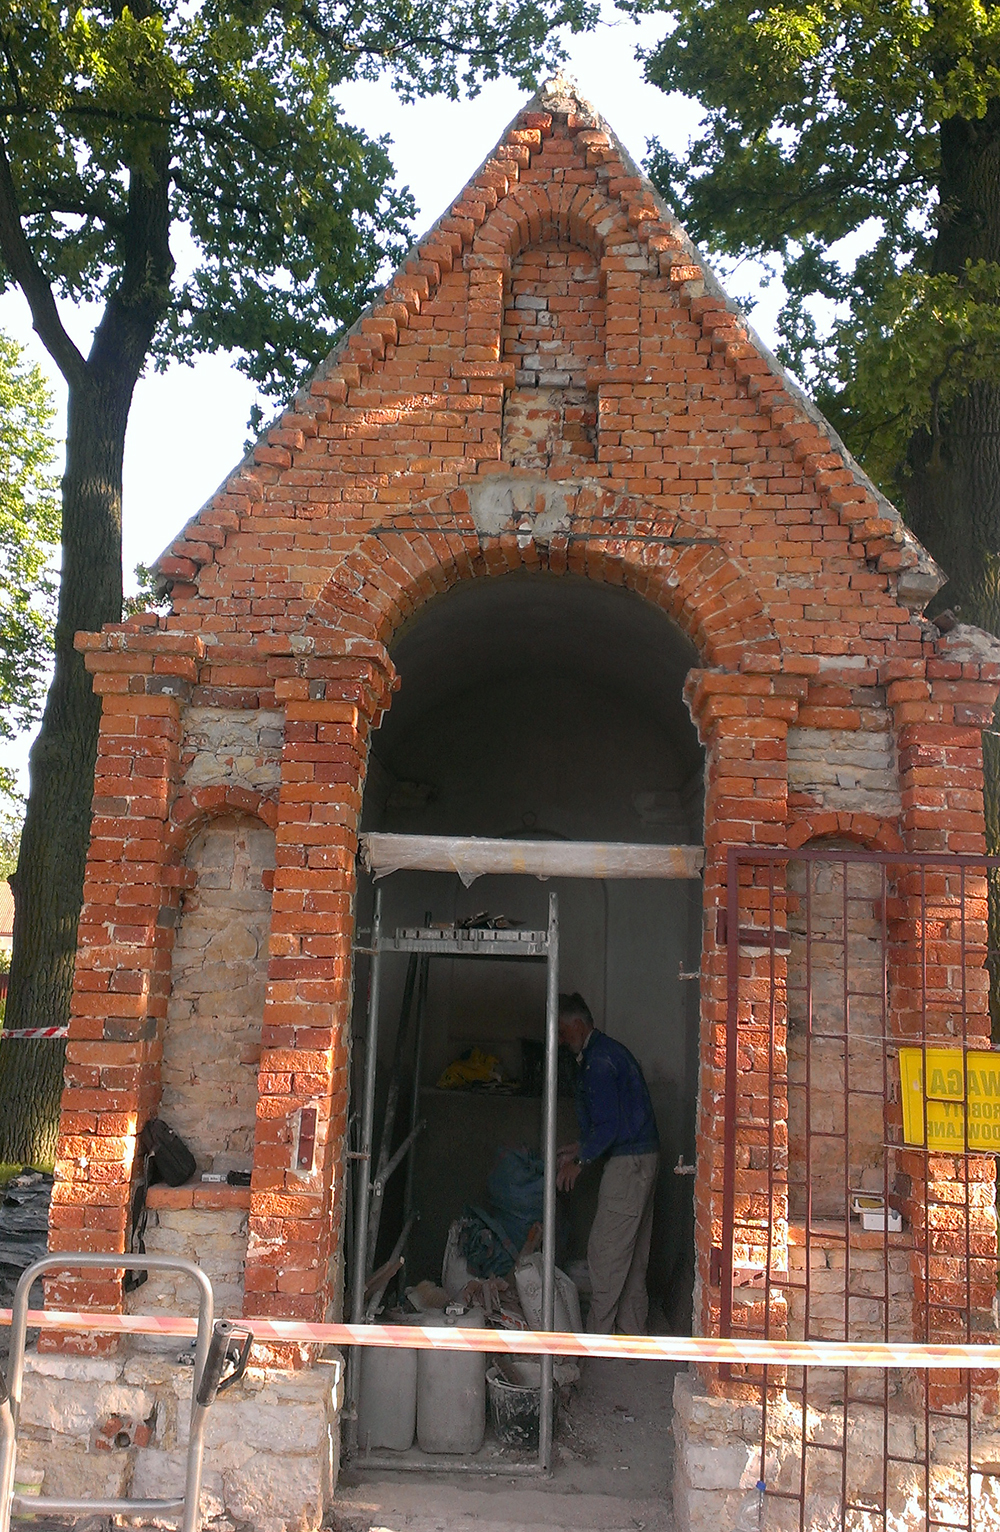 Kaplica Przemienienia Pańskiego na Rynku w Alwerni